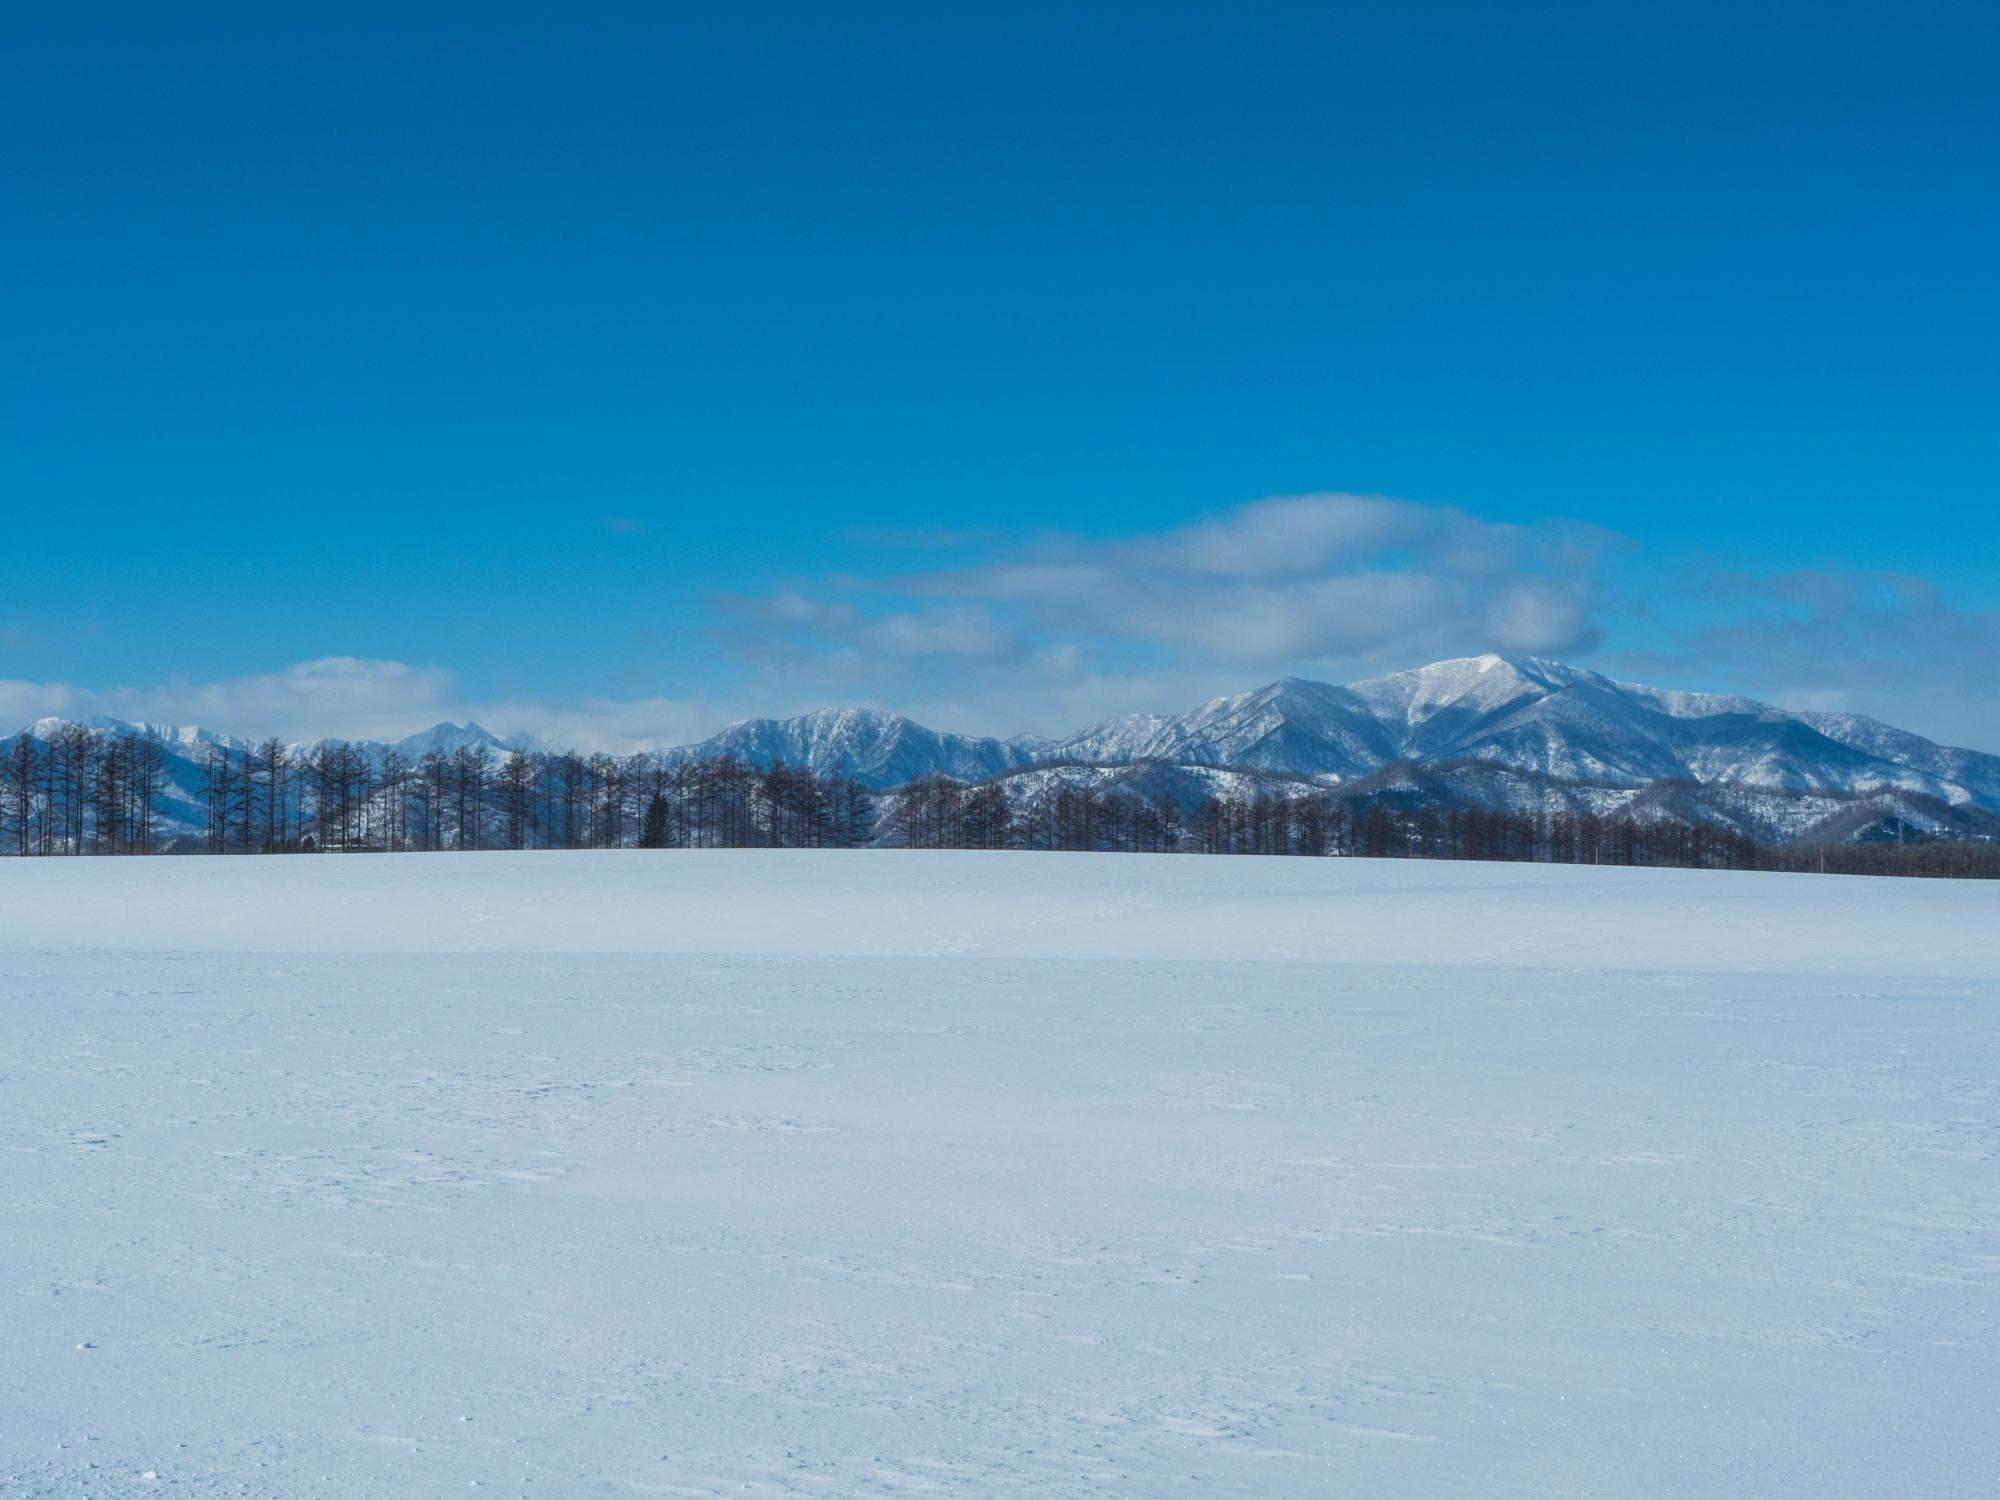 十勝らしい冬の快晴・・見渡す限り真っ白な雪原と日高山脈_f0276498_17391133.jpg